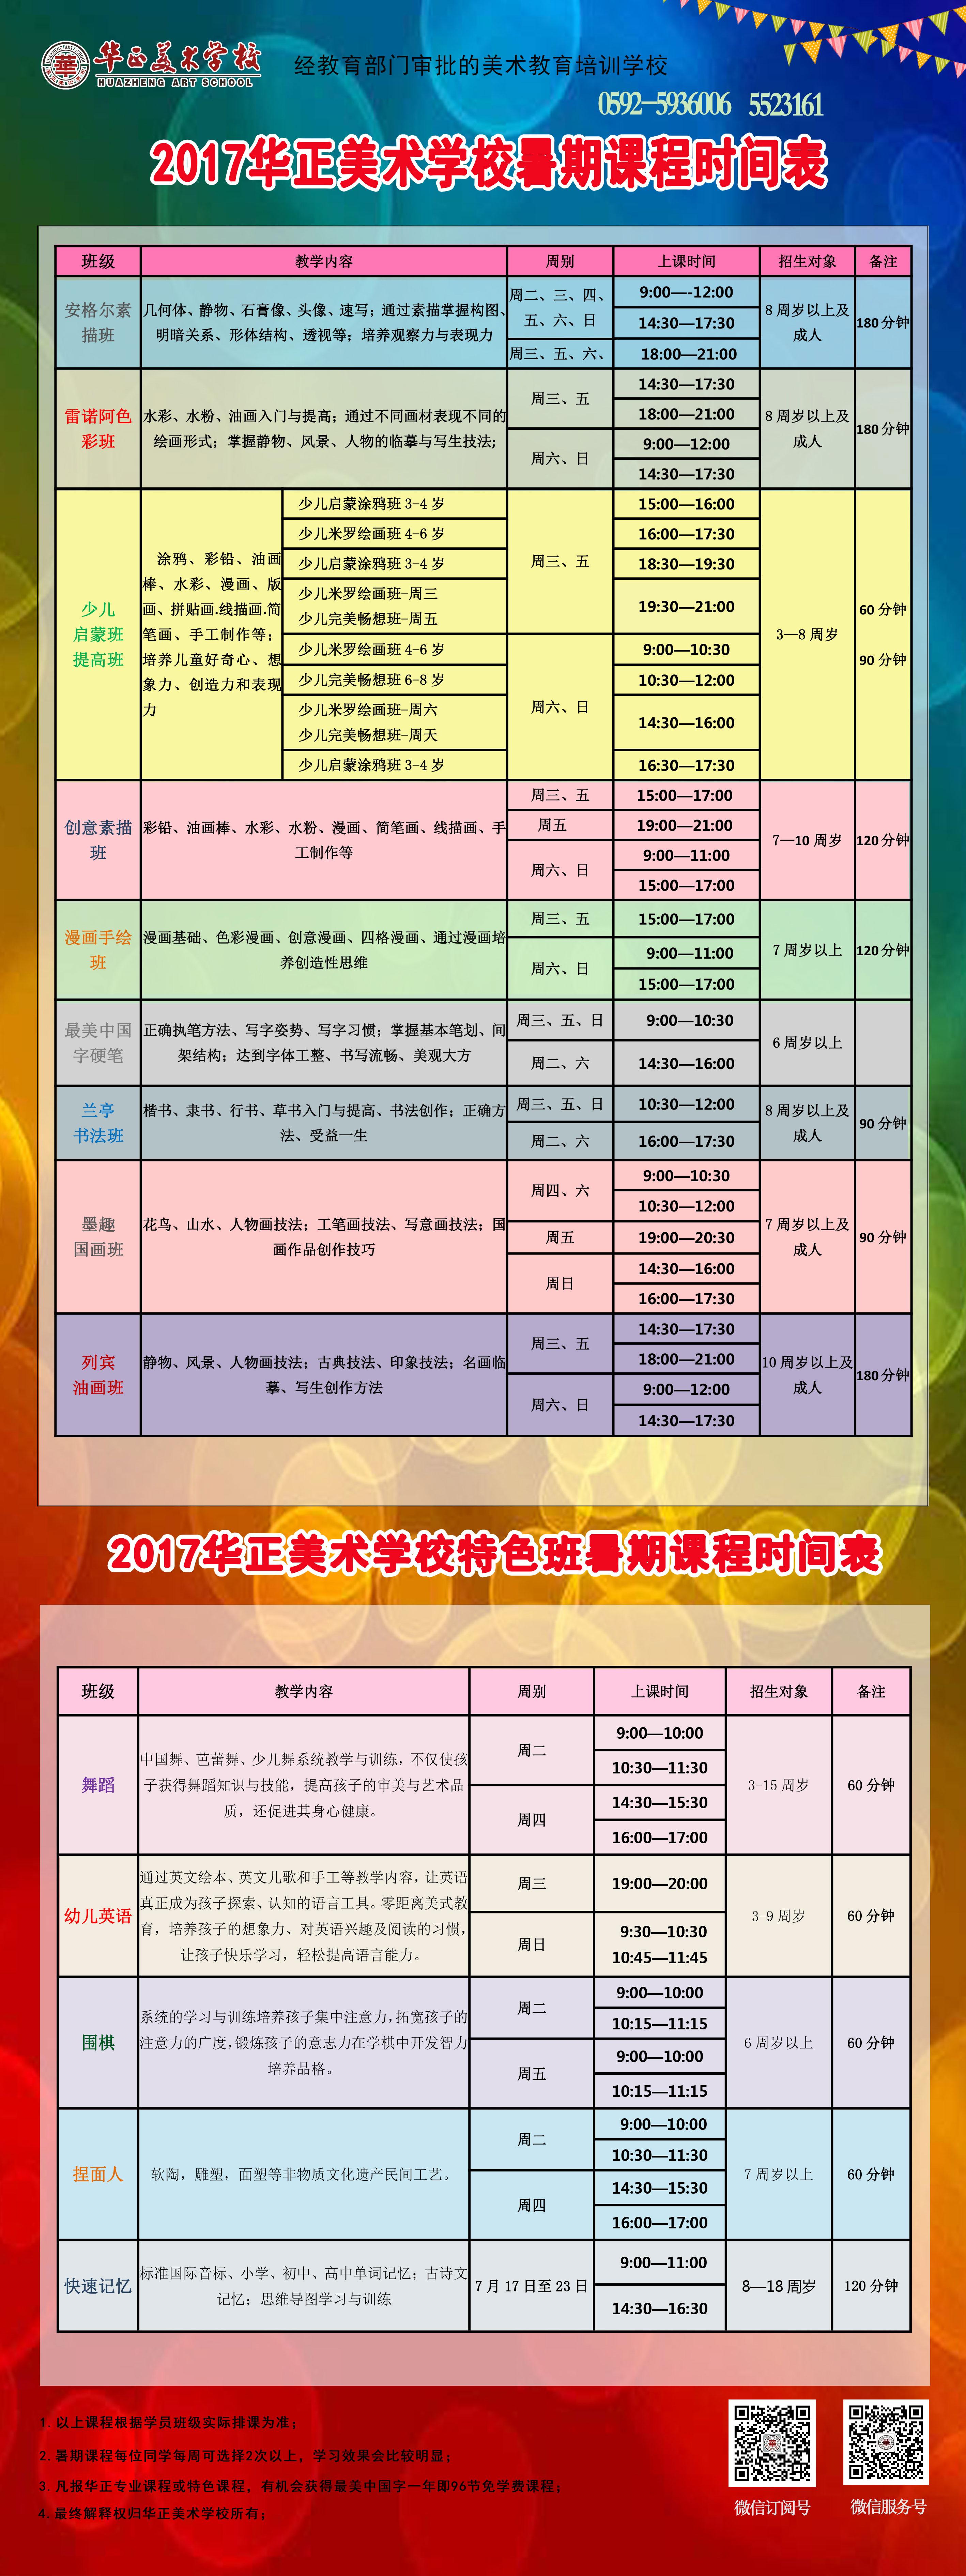 2017年华正美术学校暑期课程表图片